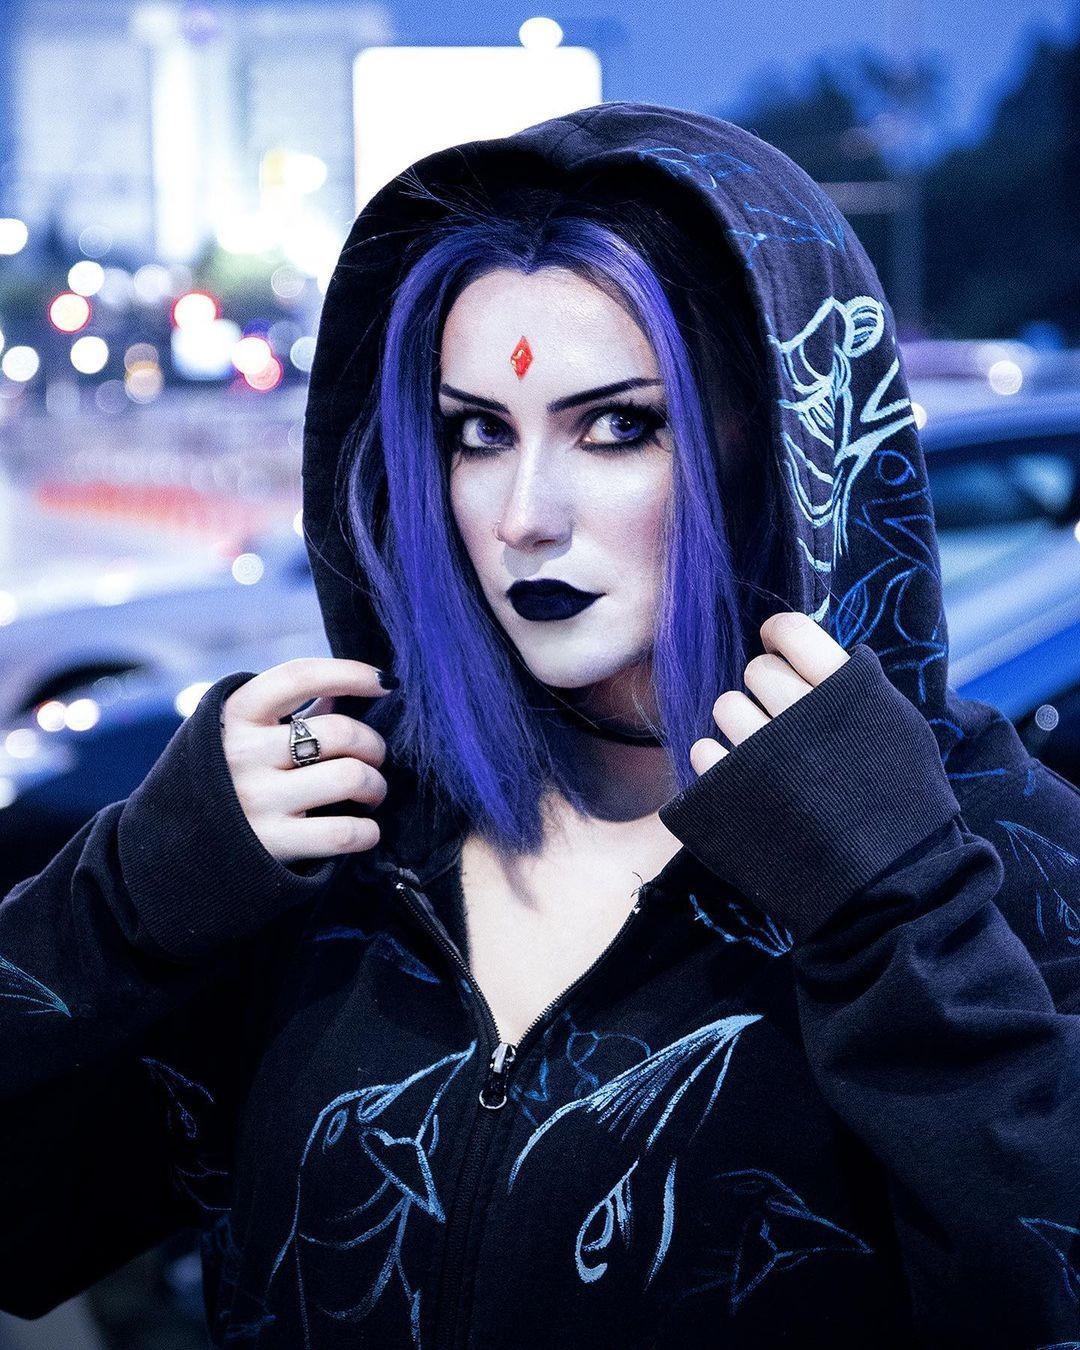 Teen Titans: Chica demuestra sus habilidades de cosplayer dándole vida a Raven de esta manera